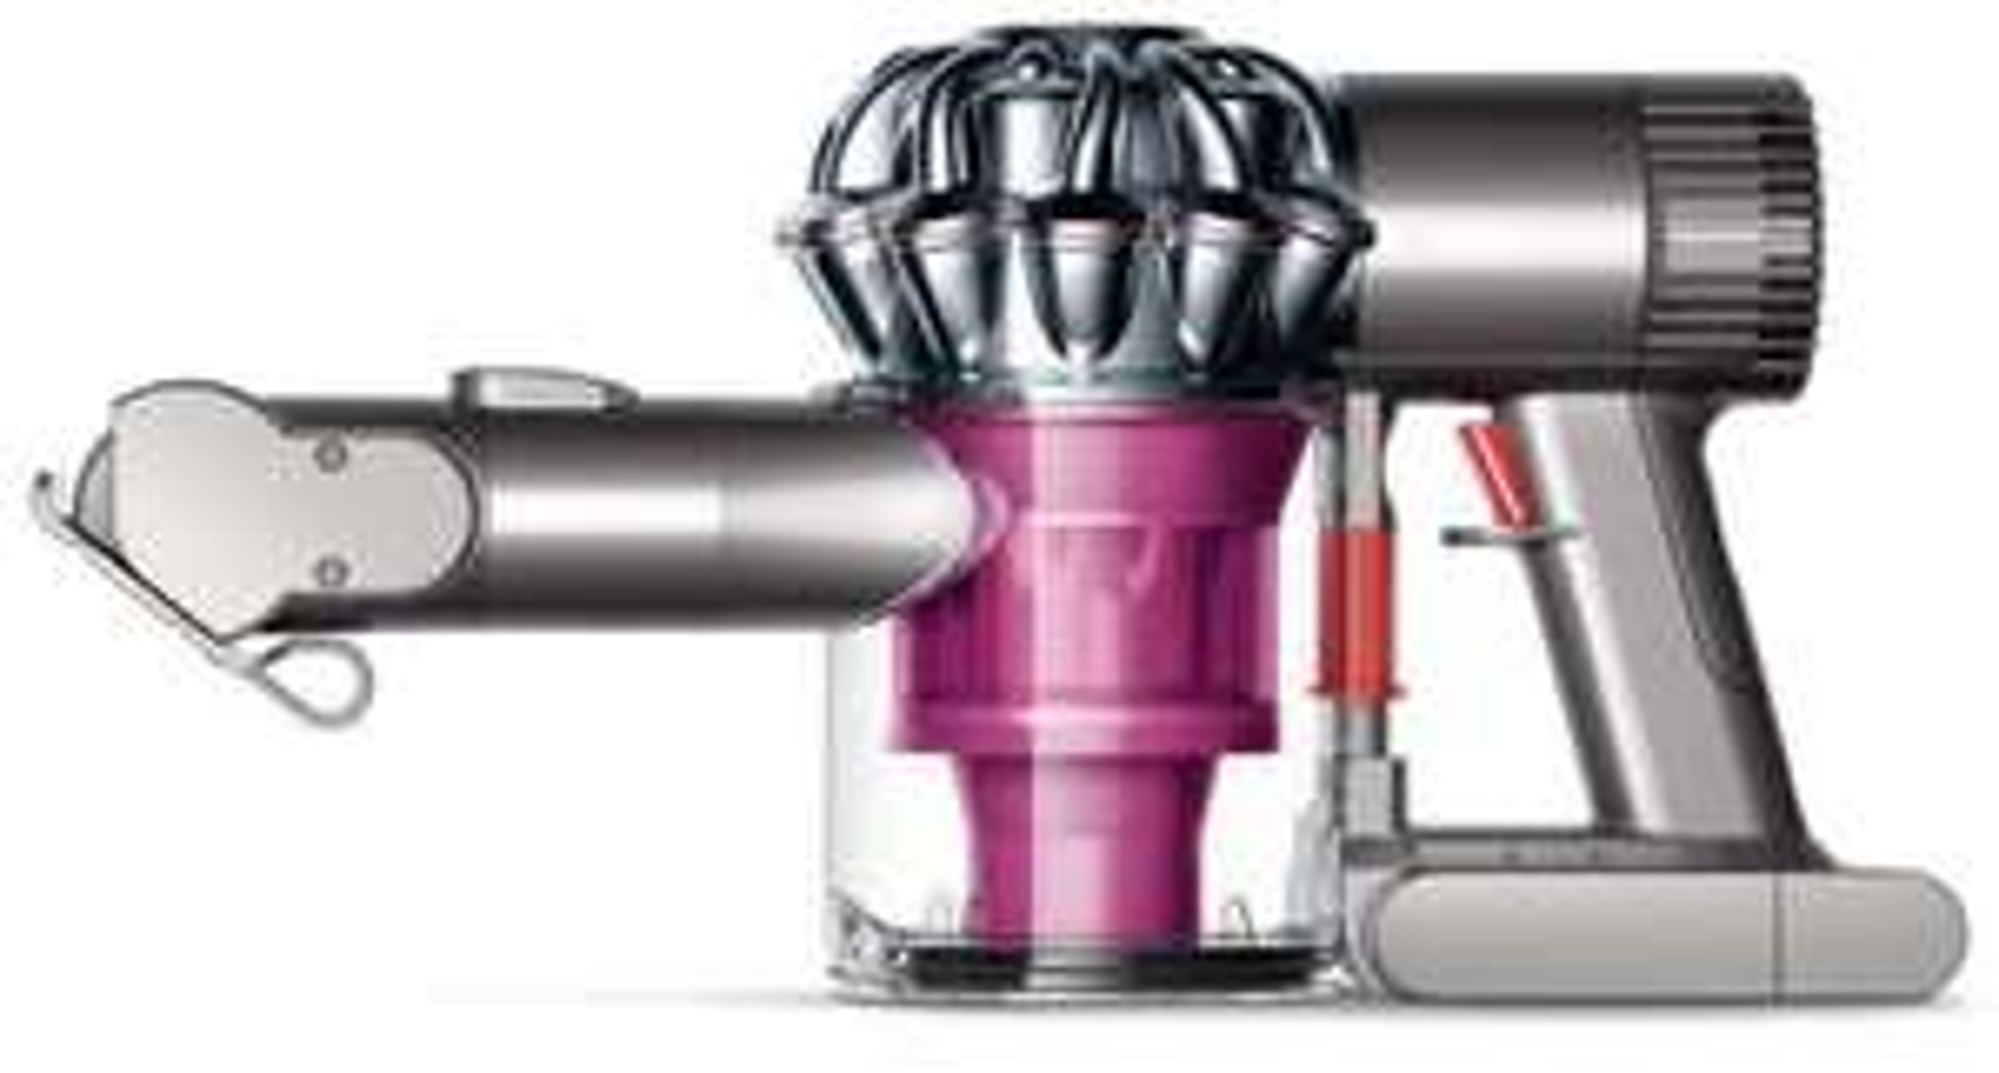 Dyson V6 Trigger+ Kabelloser Handstaubsauger mit Zubehör für 119€ inkl. Versandkosten